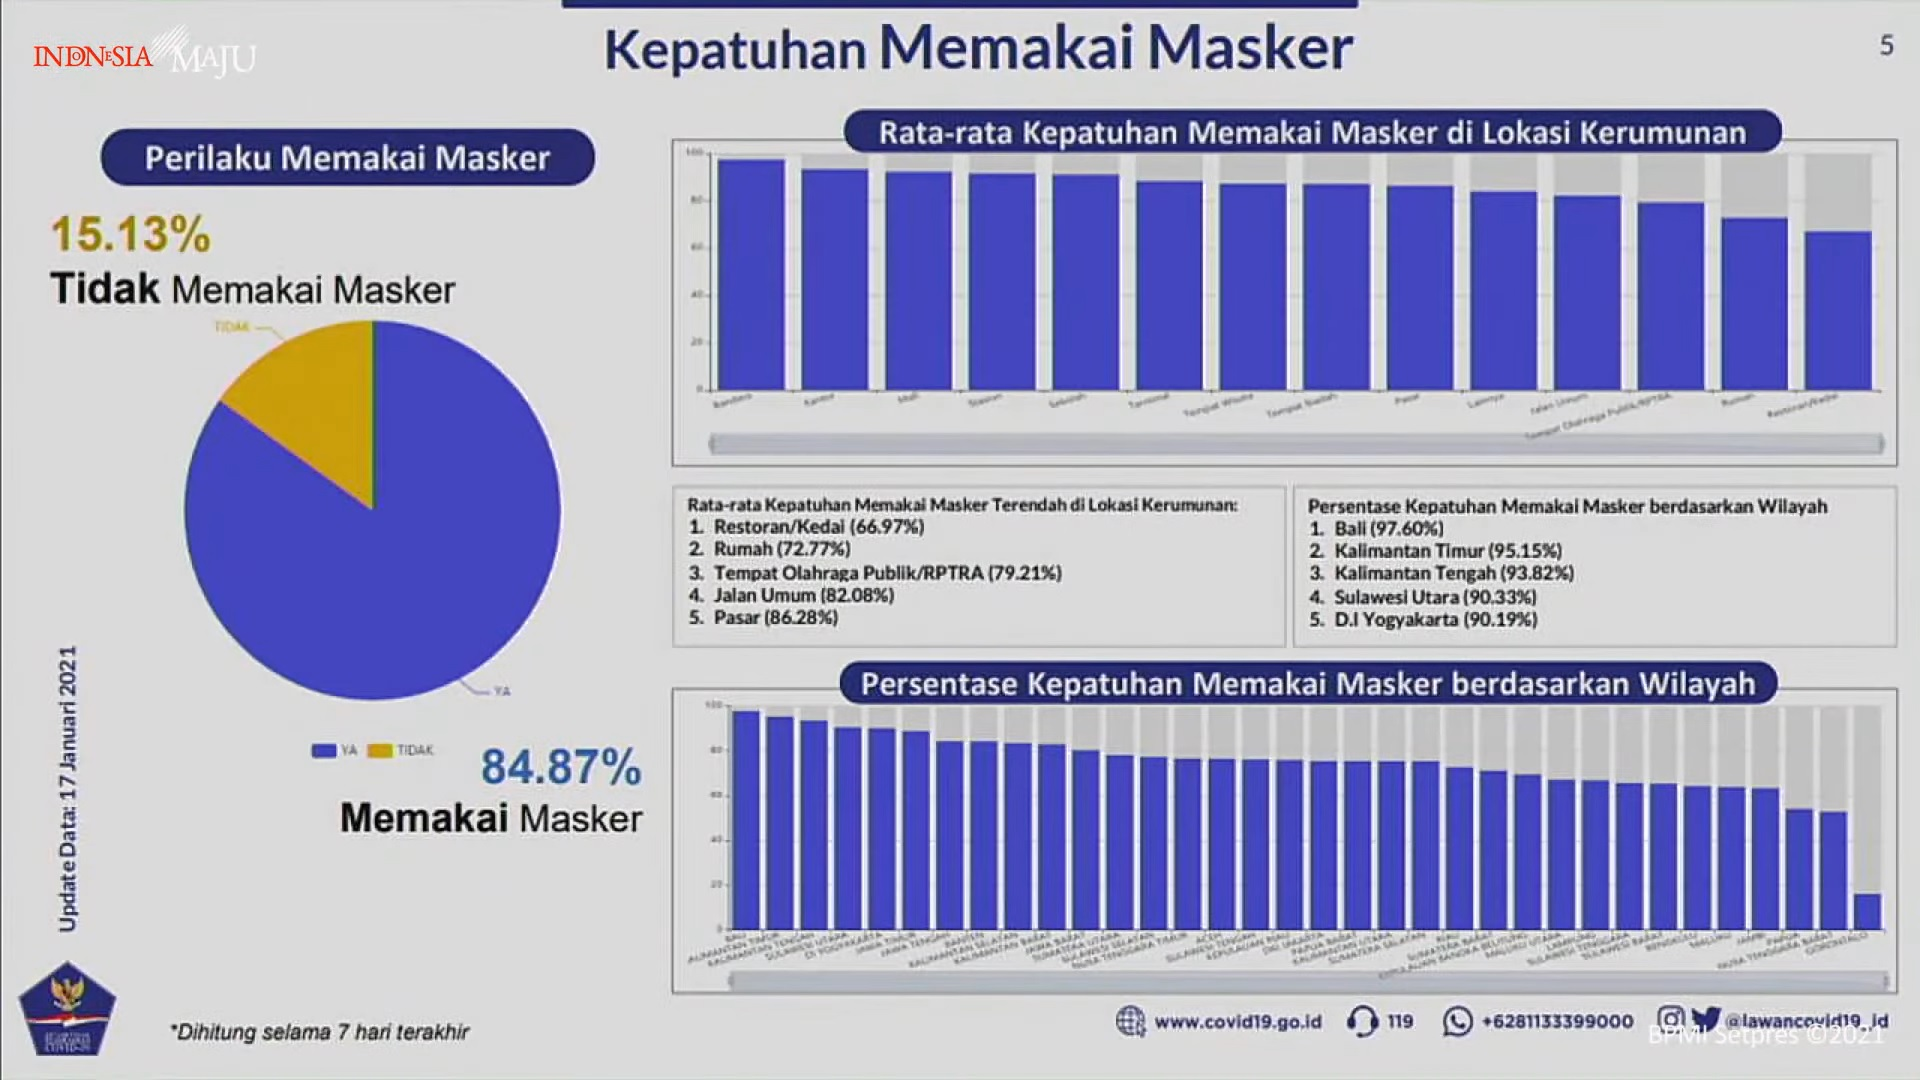 Data Statistik Tingkat Kepatuhan Memakai Masker yang menurun di Indonesia. Sumber: Dokter Reisa